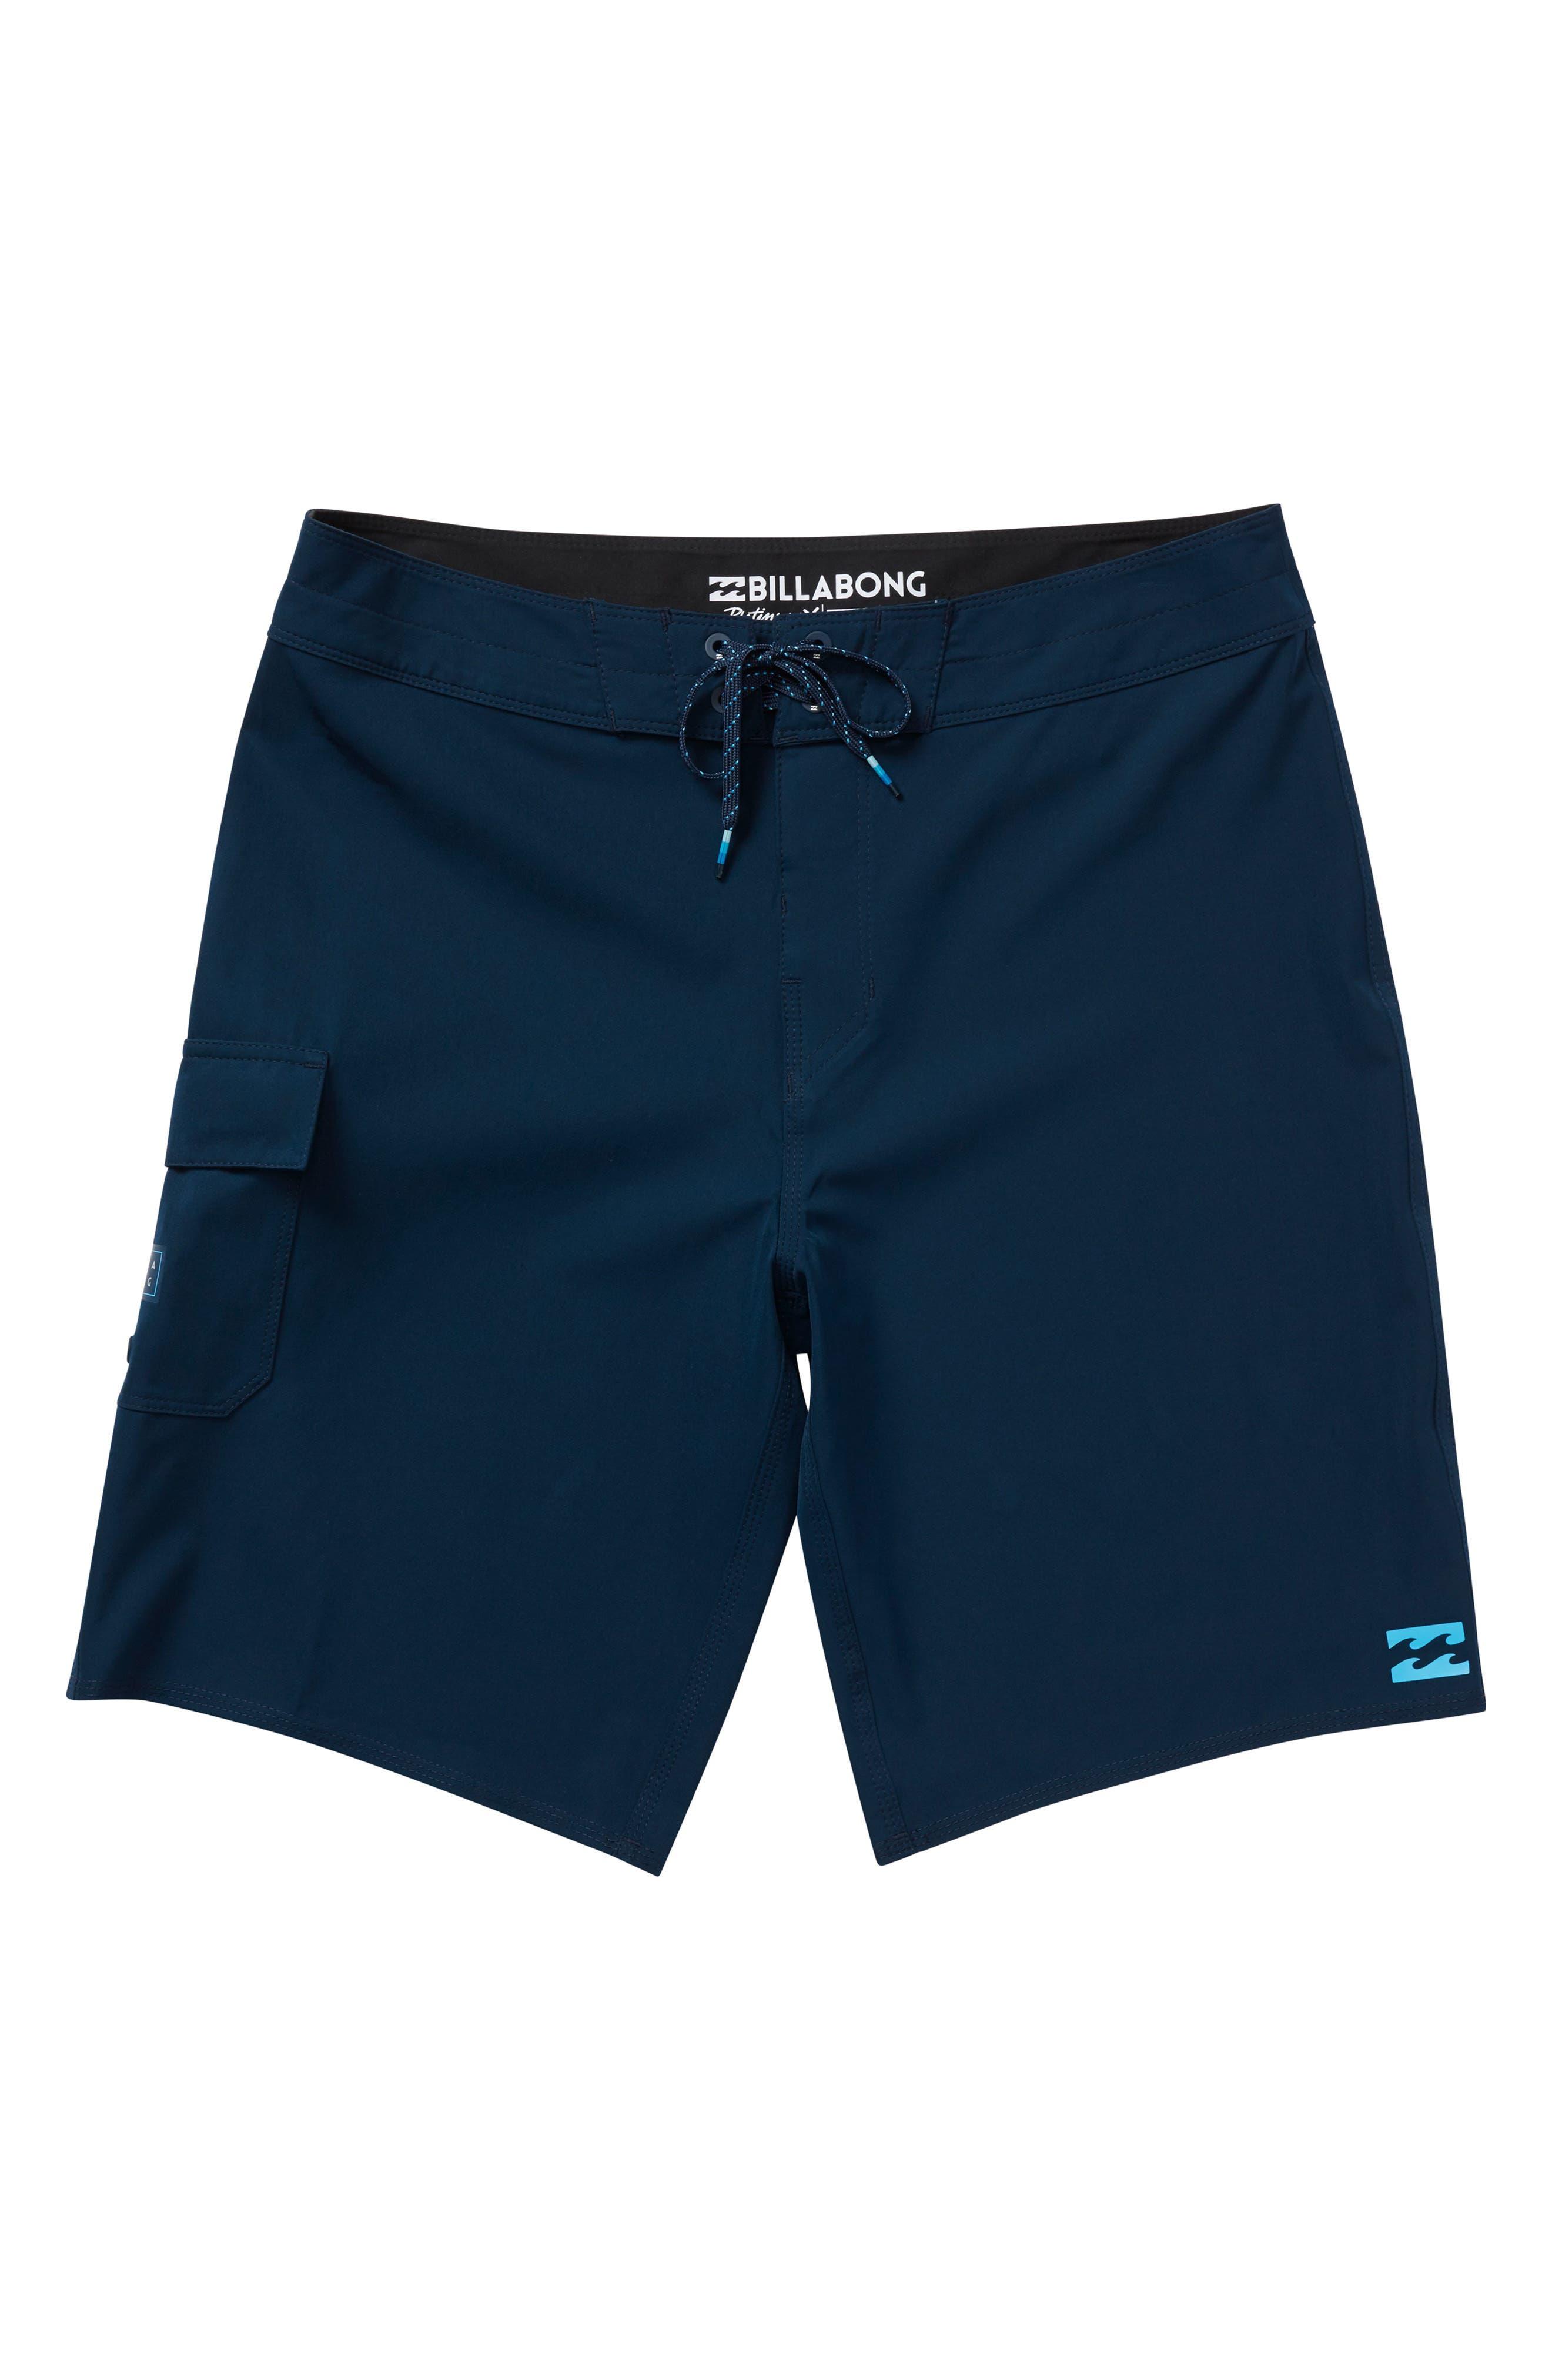 Main Image - Billabong All Day X Board Shorts (Little Boys)